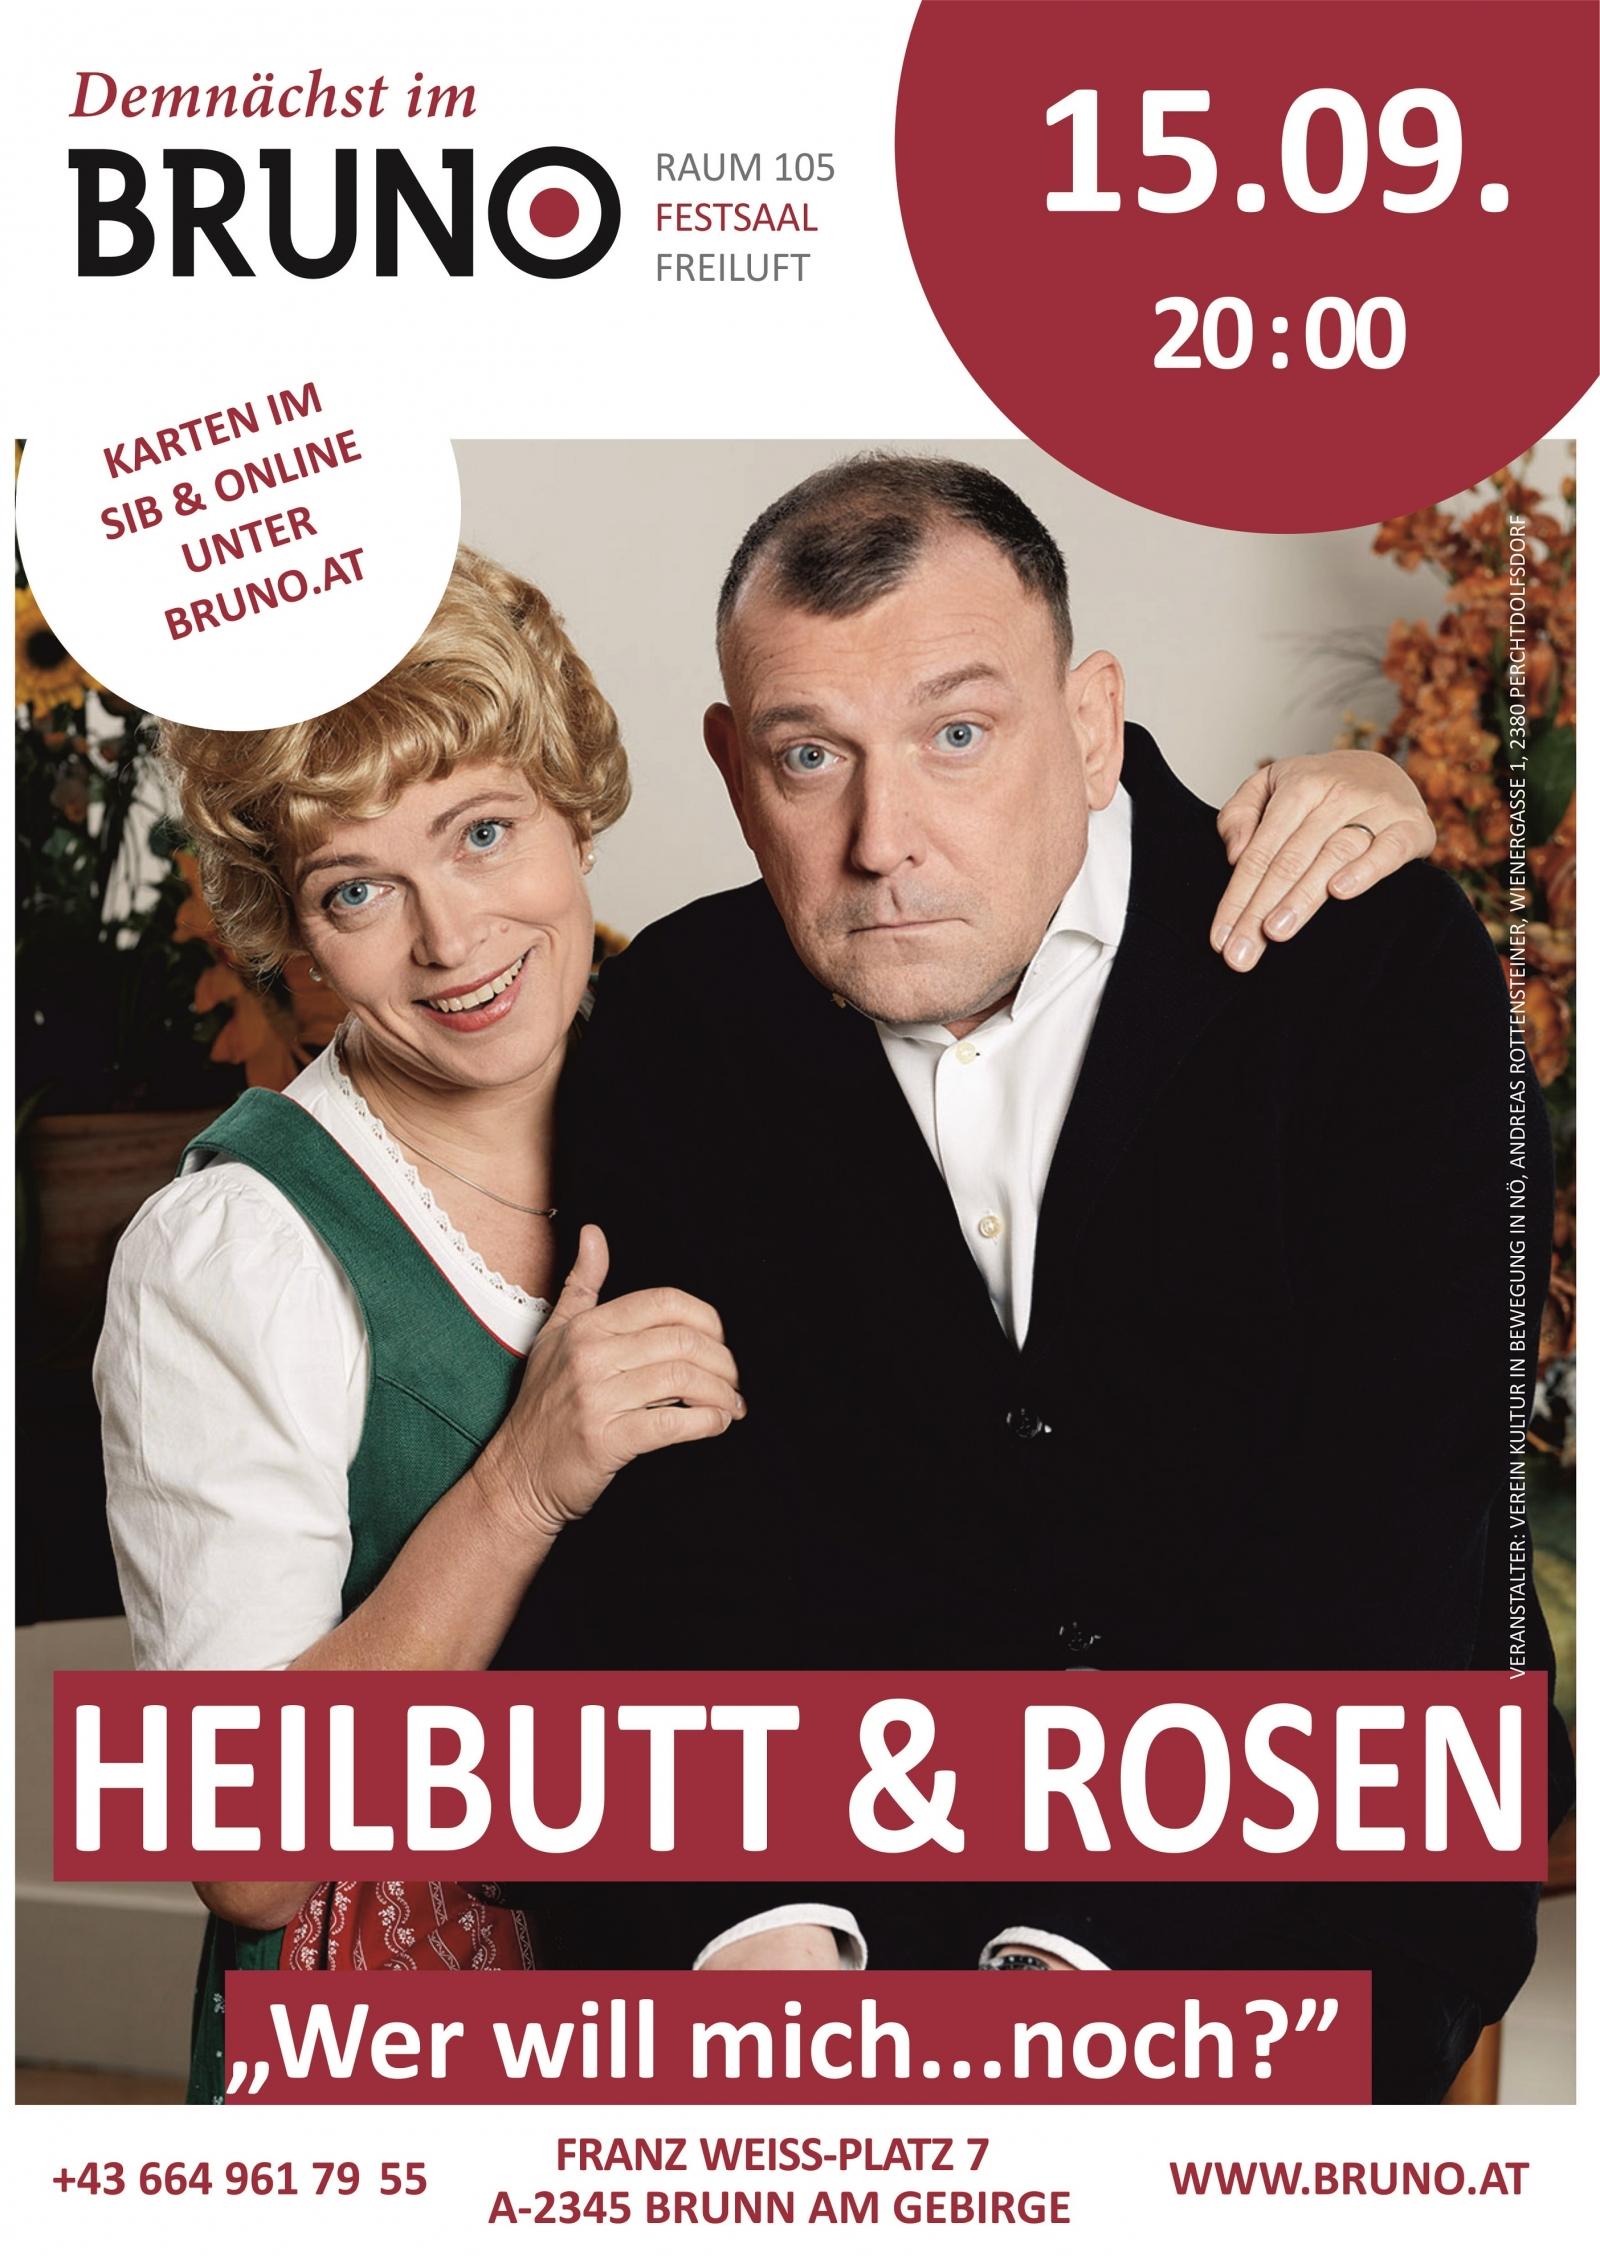 Heilbutt und Rosen - Wer will mich...noch?